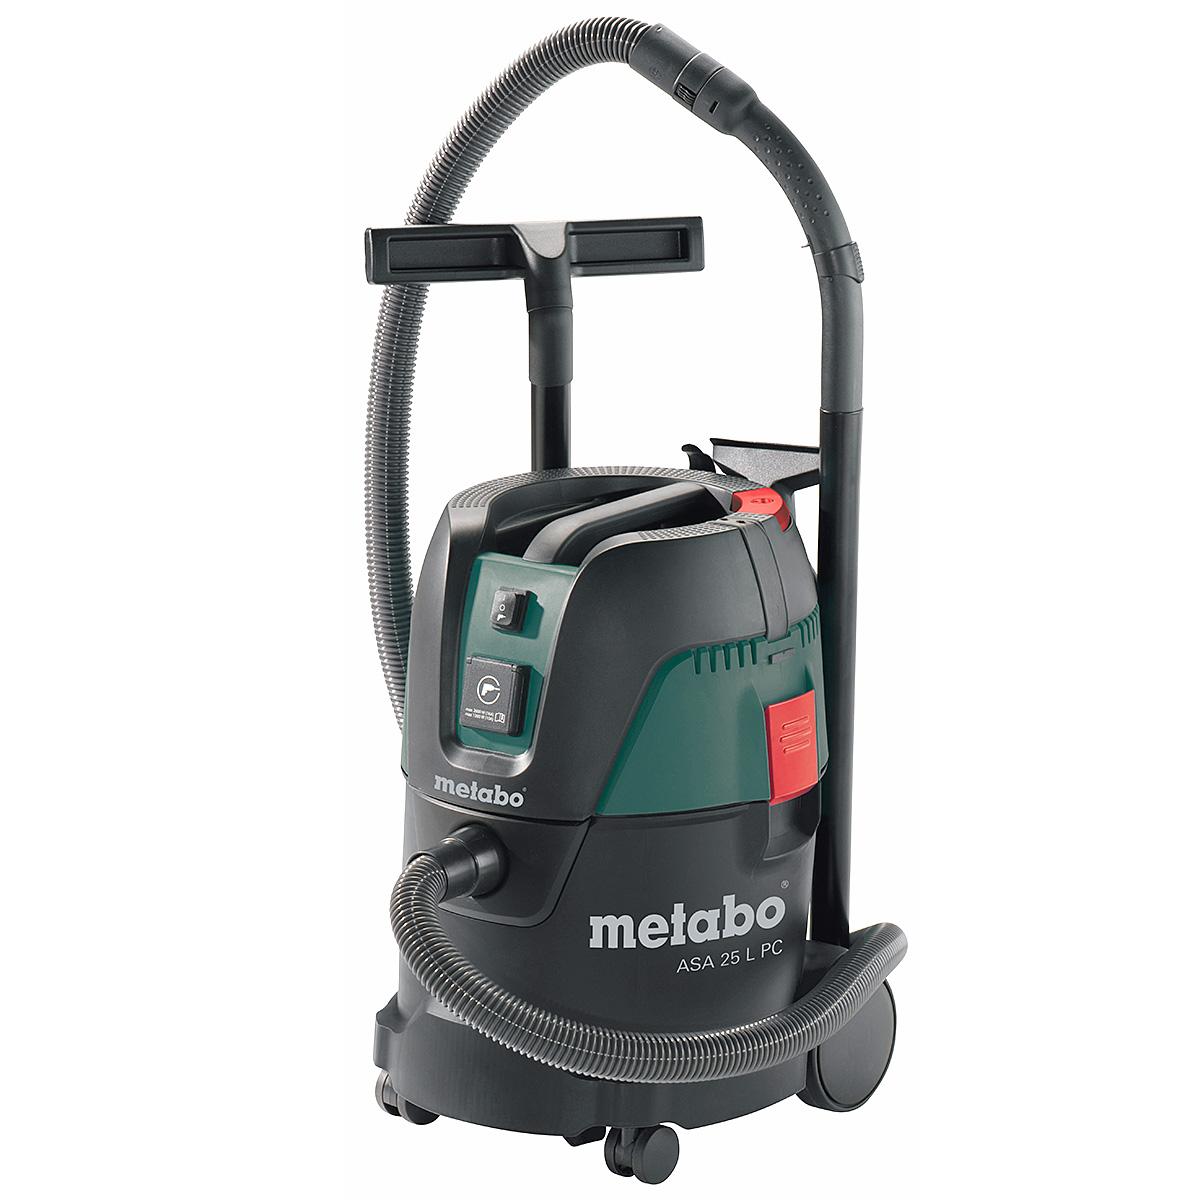 Промышленный пылесос Metabo ASA 25 L PC (602014000)